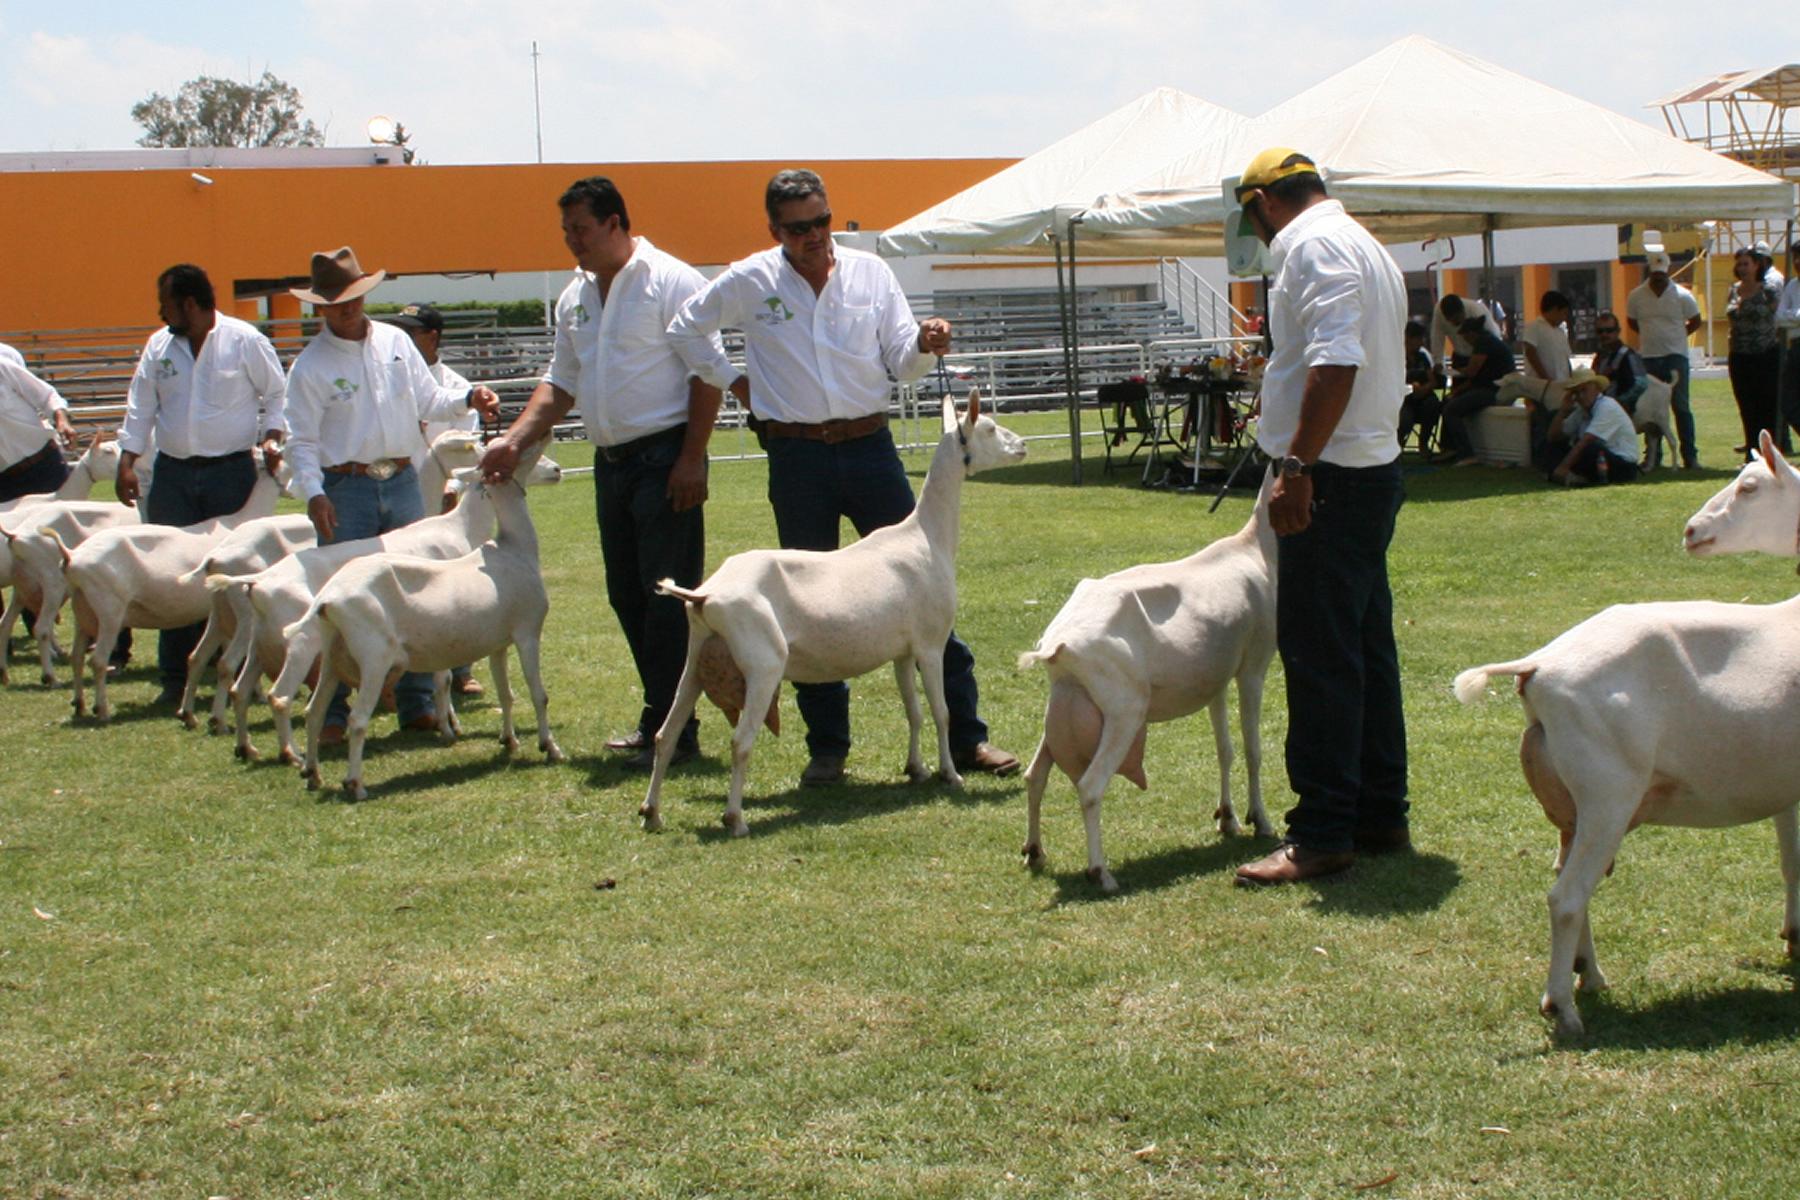 La expo fue el punto de encuentro de la cadena productiva y escaparate del trabajo del sector caprino que busca posicionarse en el mercado nacional y mundial, con productos de alta calidad.